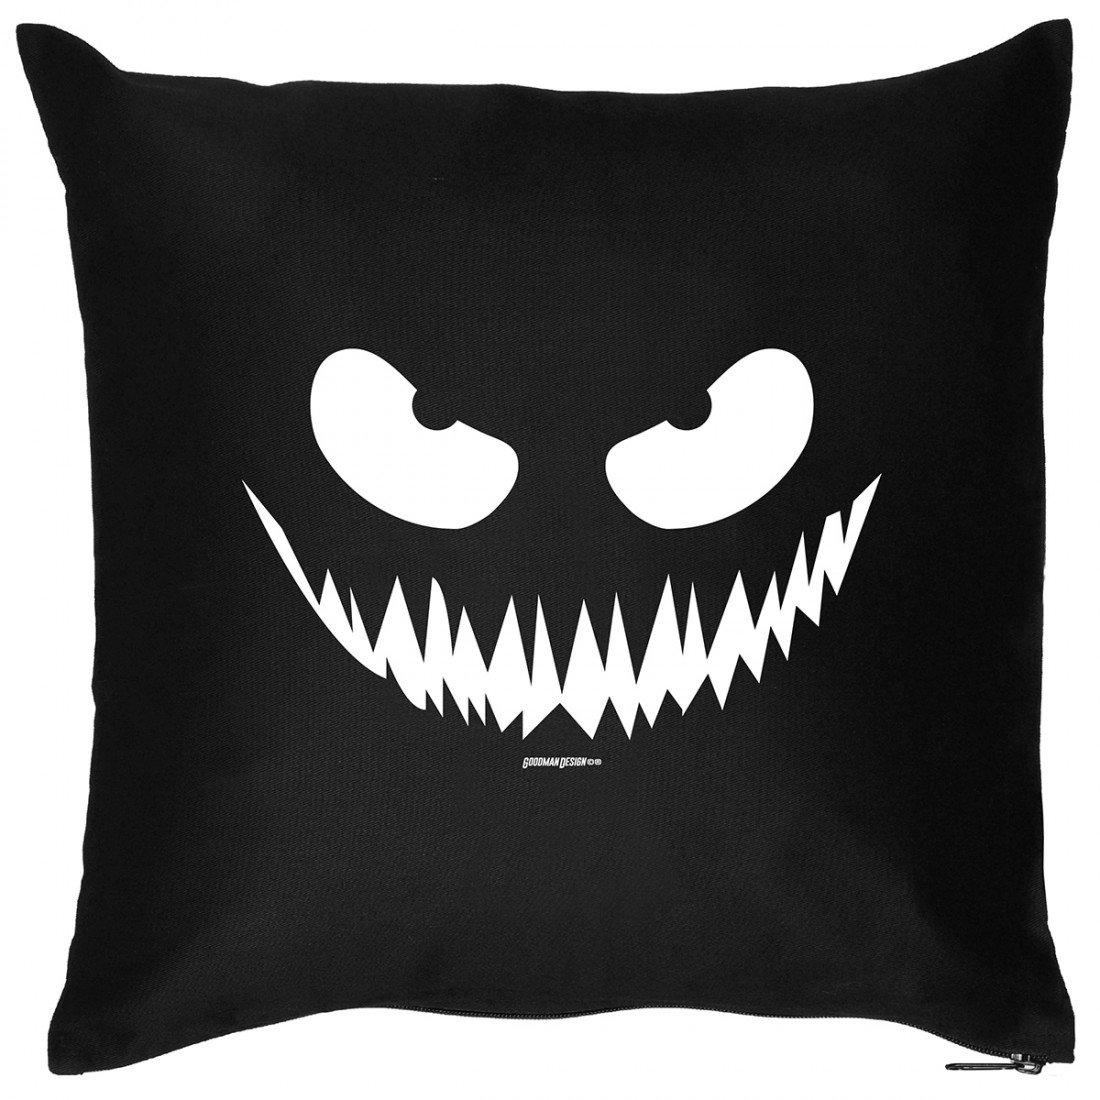 Kissen Sofakissen mit Aufdruck – grusel Gesicht – Horror Zombie Monster Halloween Geschenk – Wendekissen online kaufen